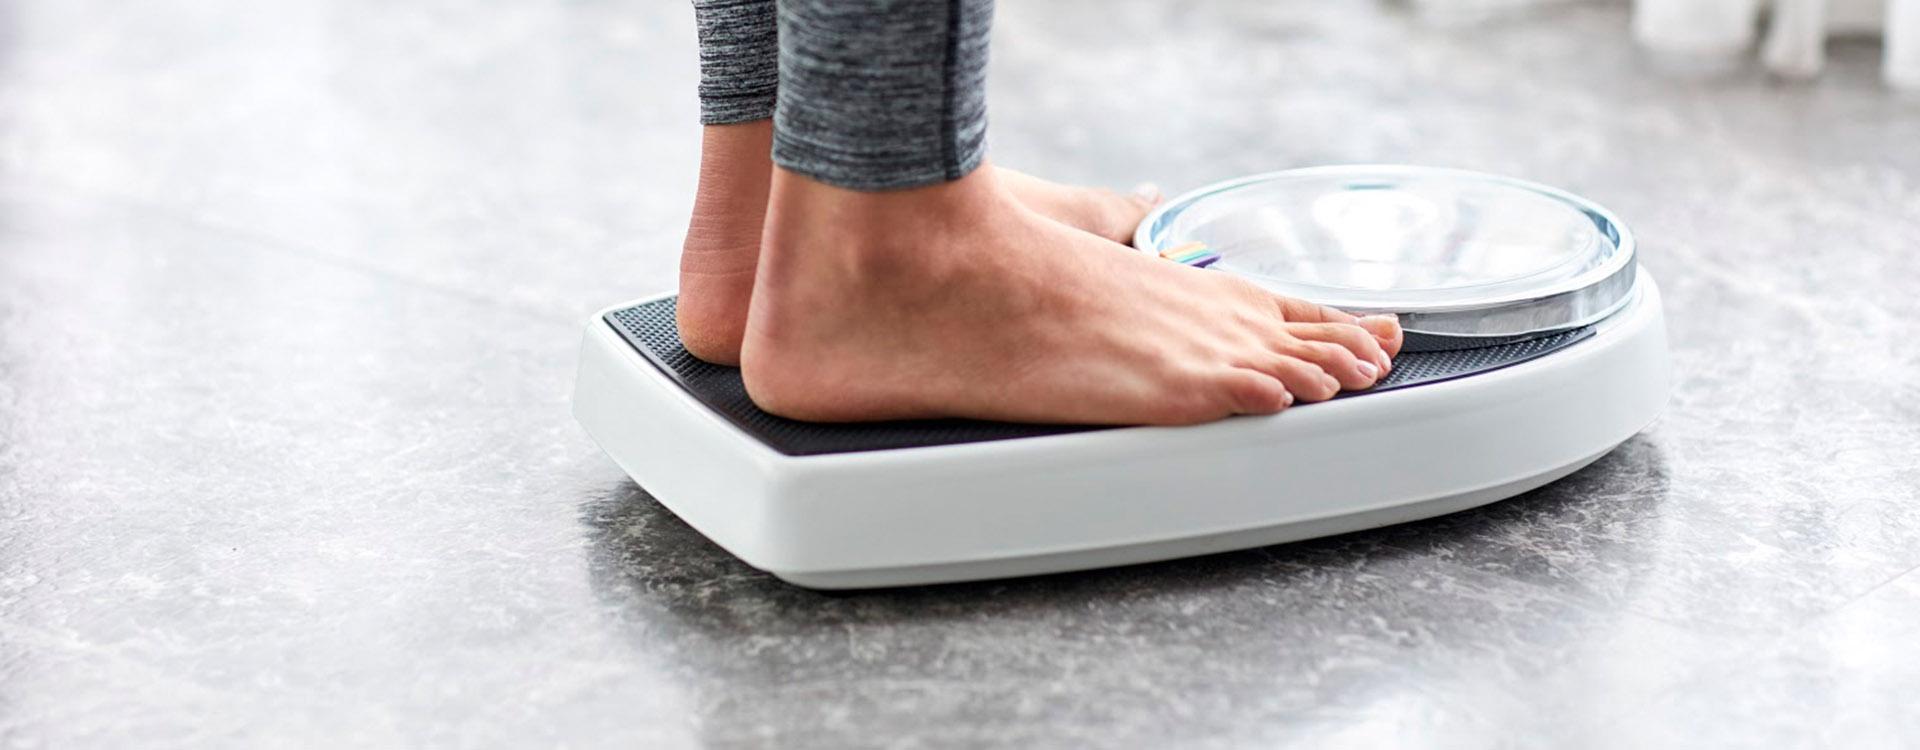 eza-personaltraining-personal-trainer-berlin-hamburg-slider-gewichtsverlust